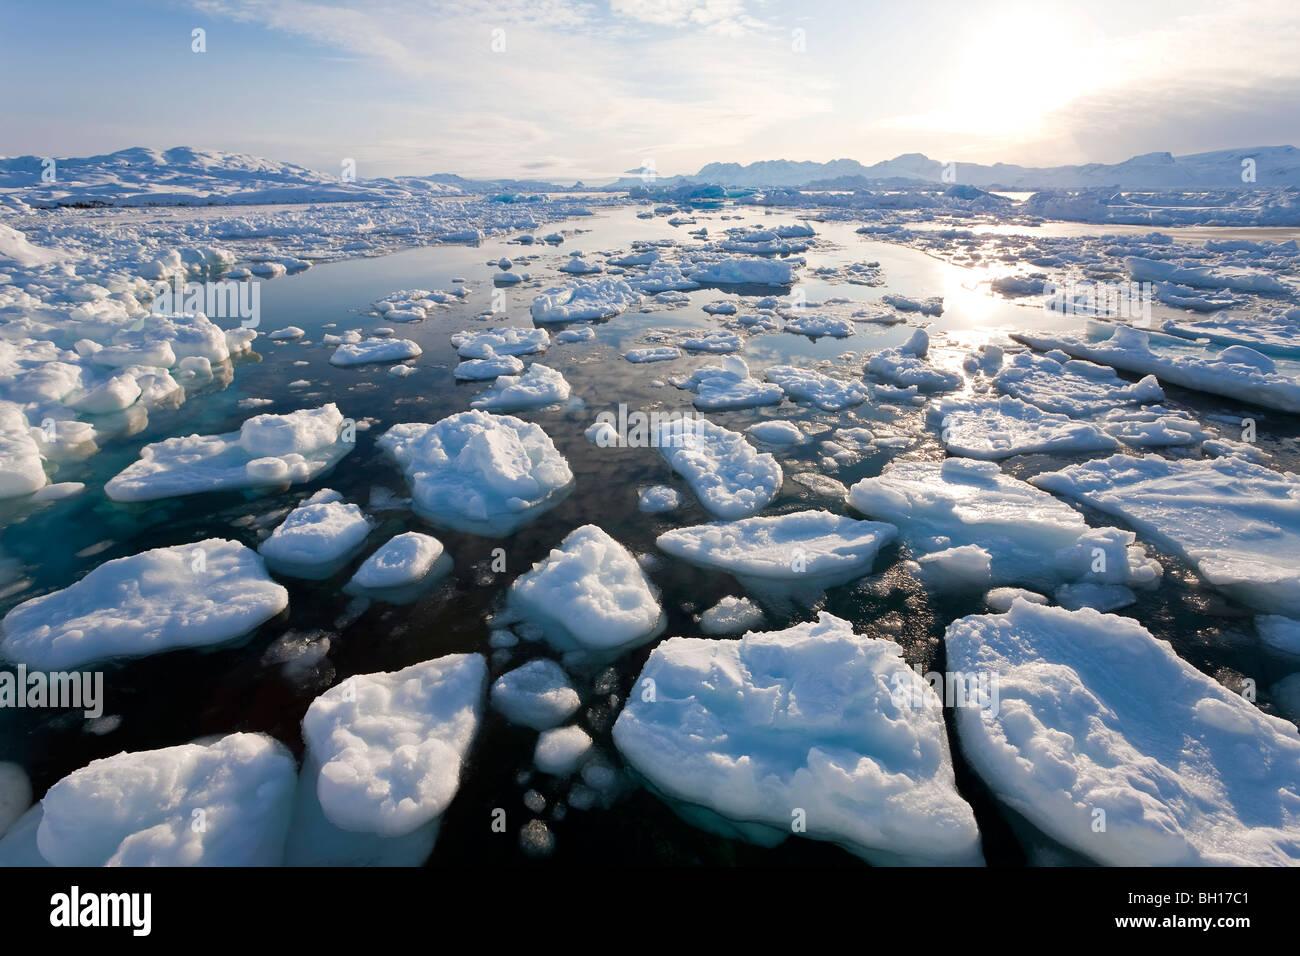 Tiniteqilaq y el mar de hielo en el fiordo, E. Groenlandia Imagen De Stock